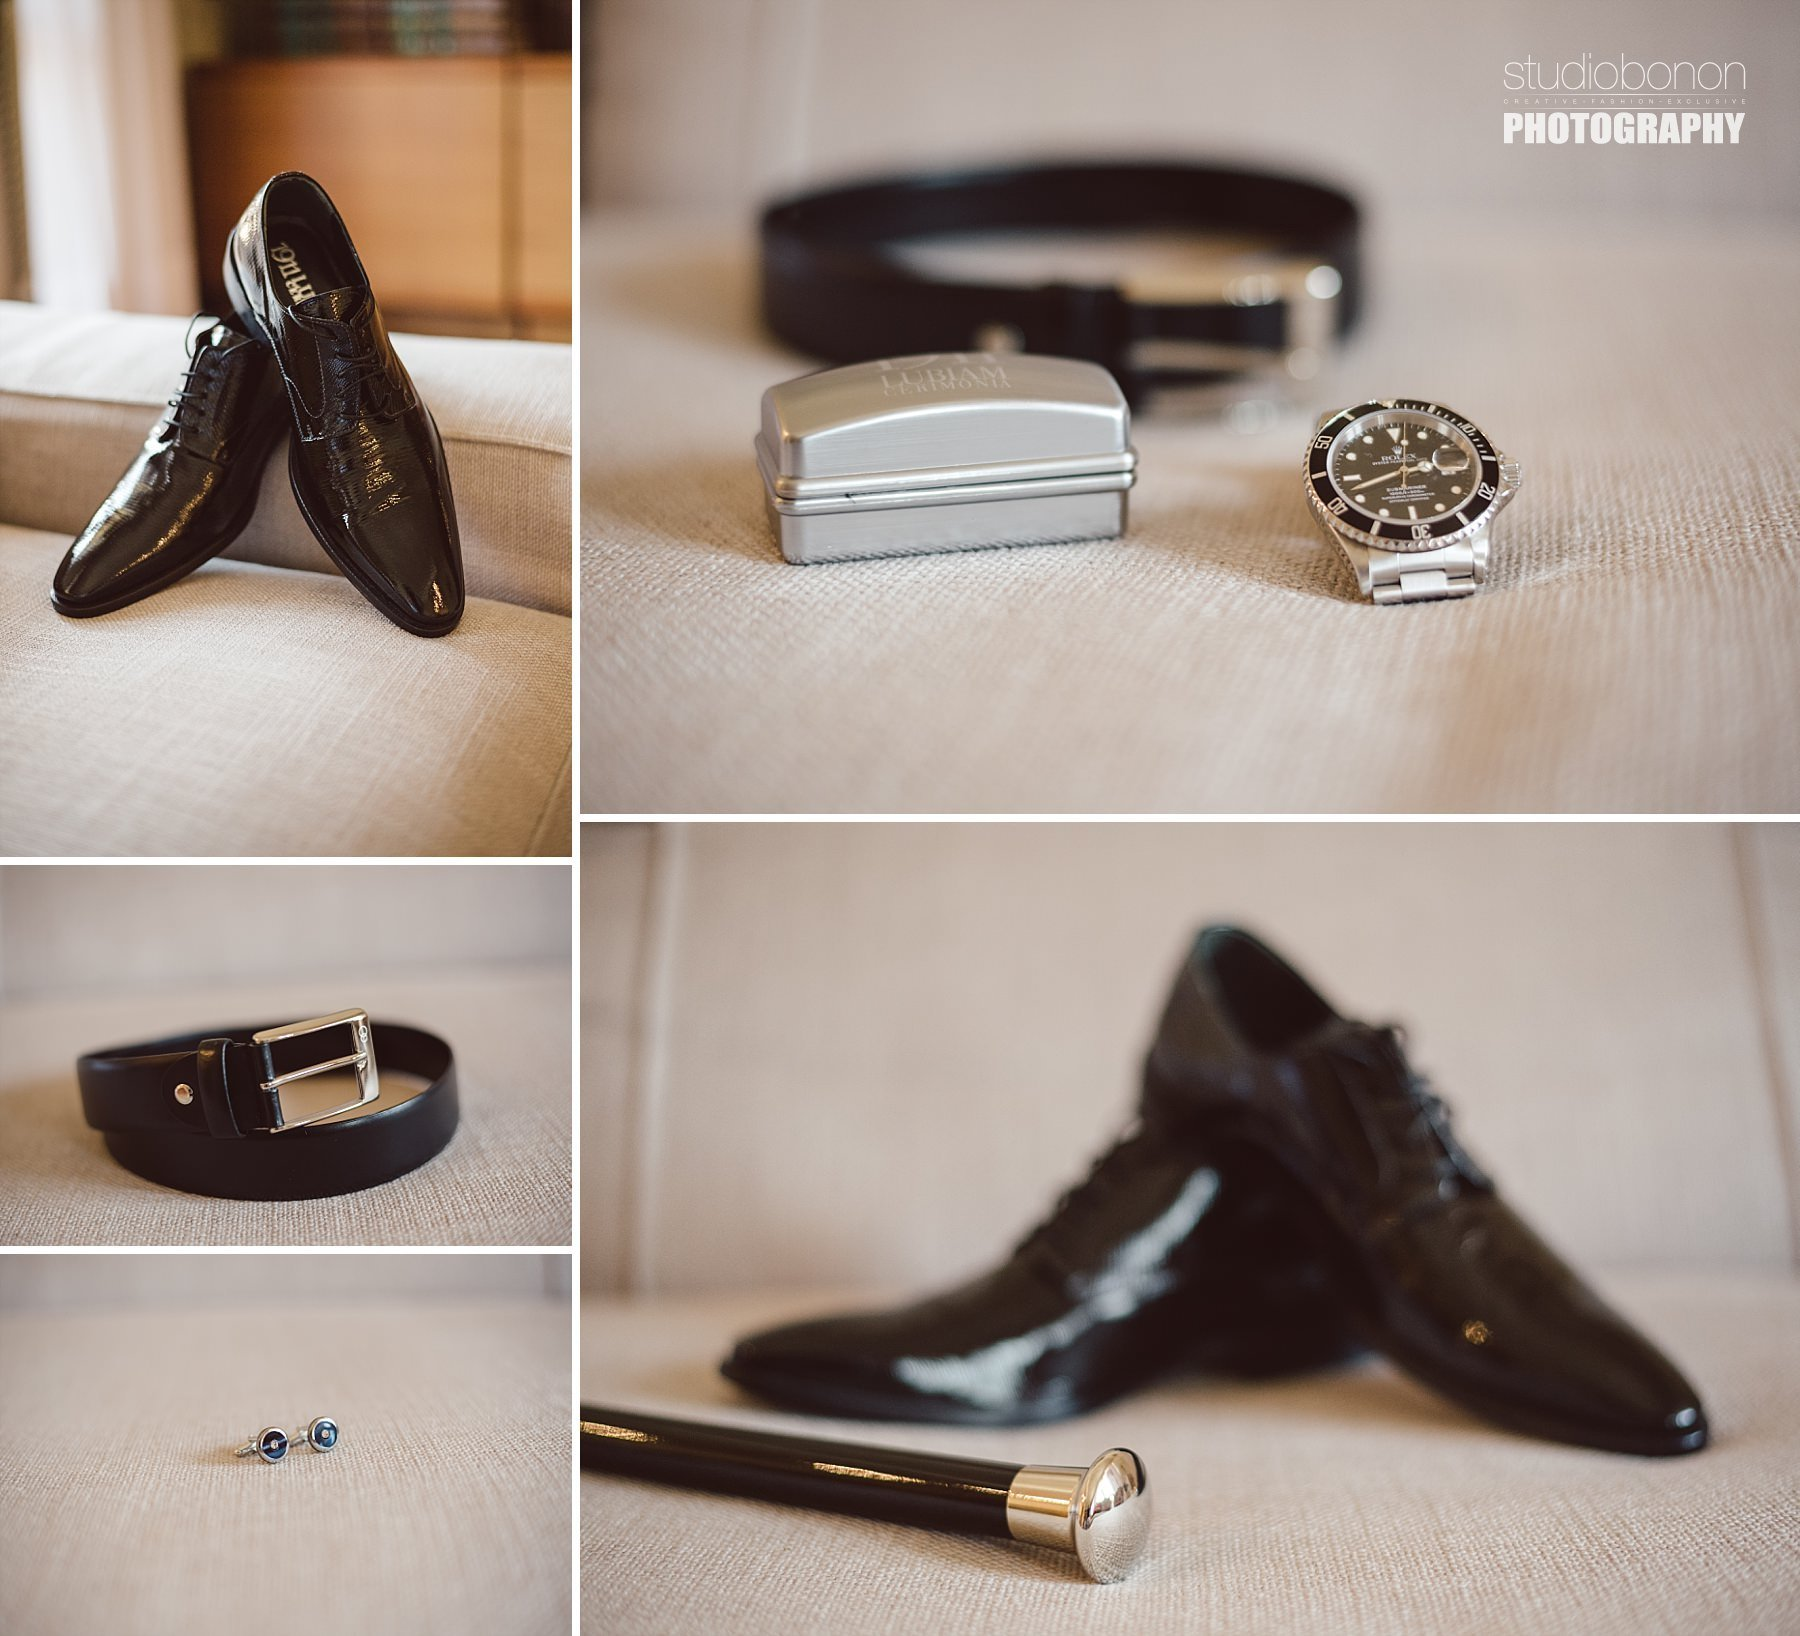 Dettagli ed accessori di uno sposo, scarpe, gemelli e orologio Rolex